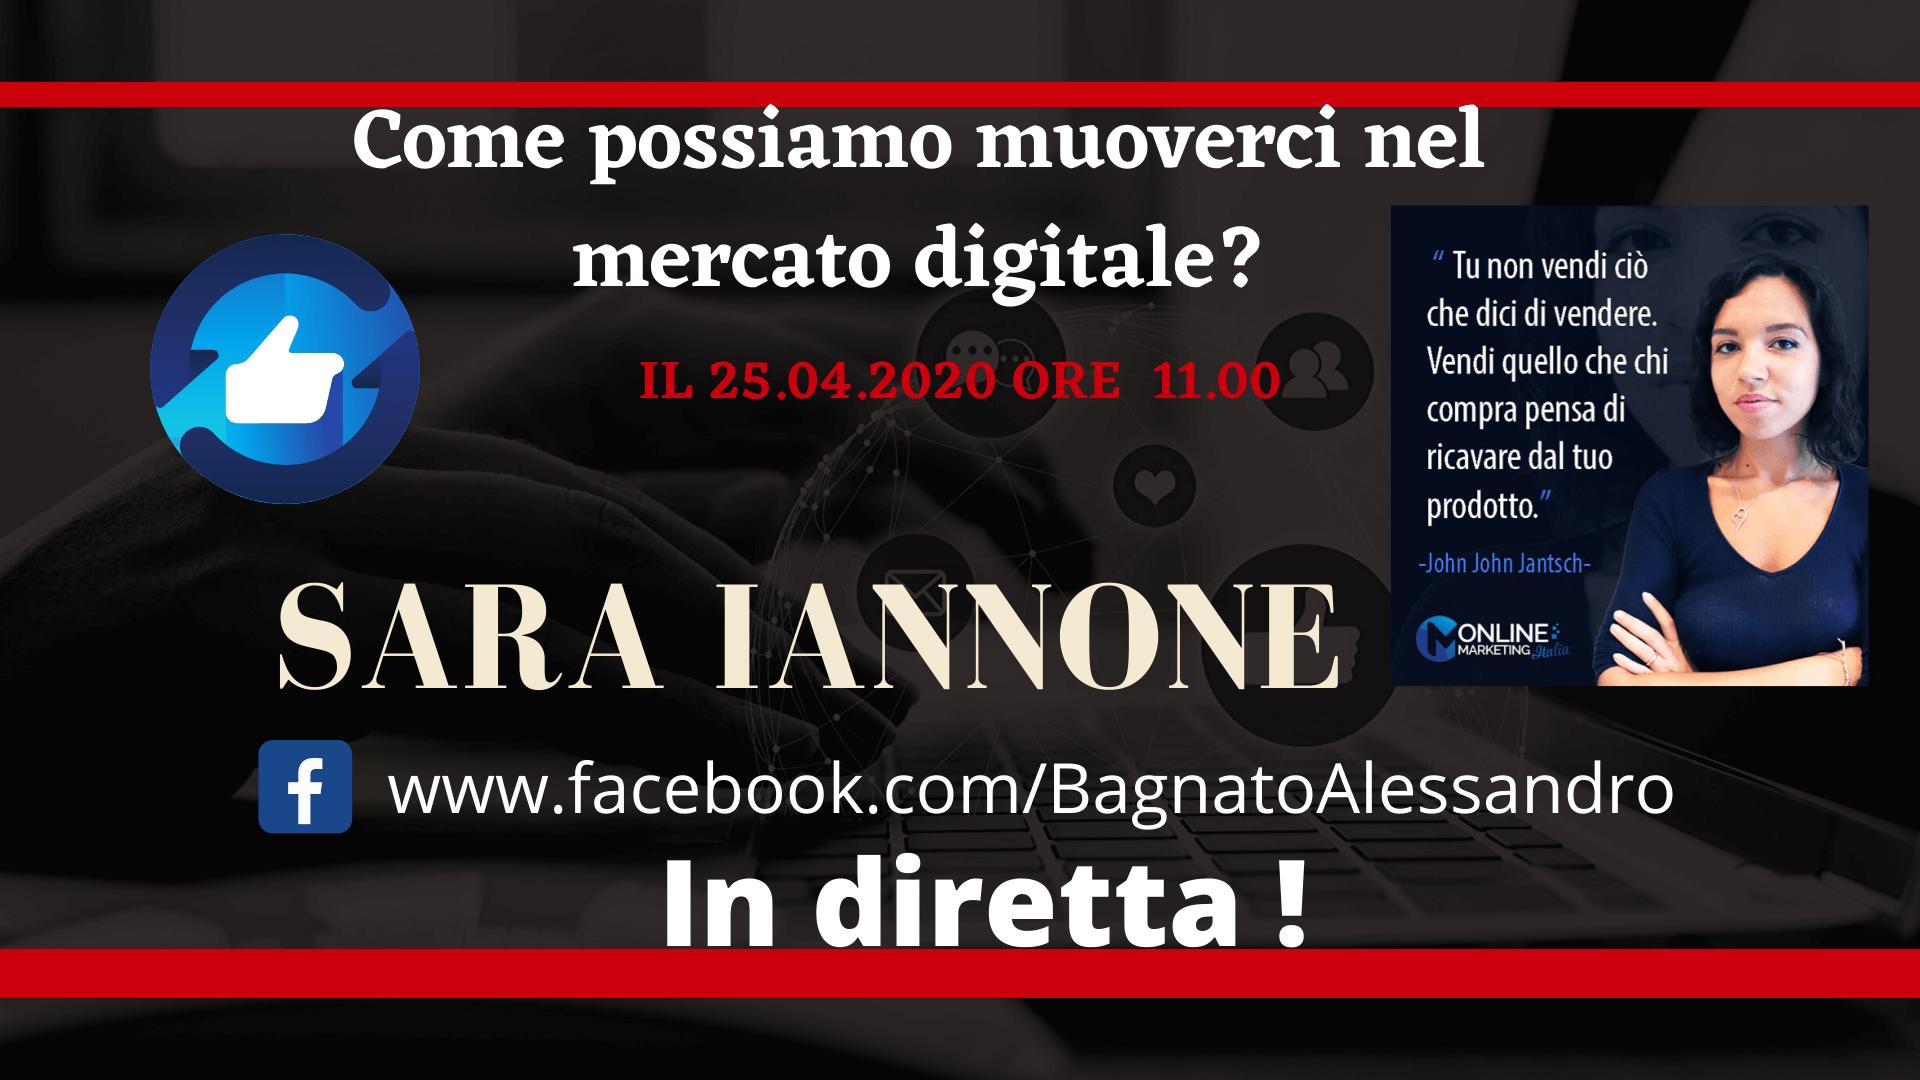 Michela Zanarella intervista Sara Iannone